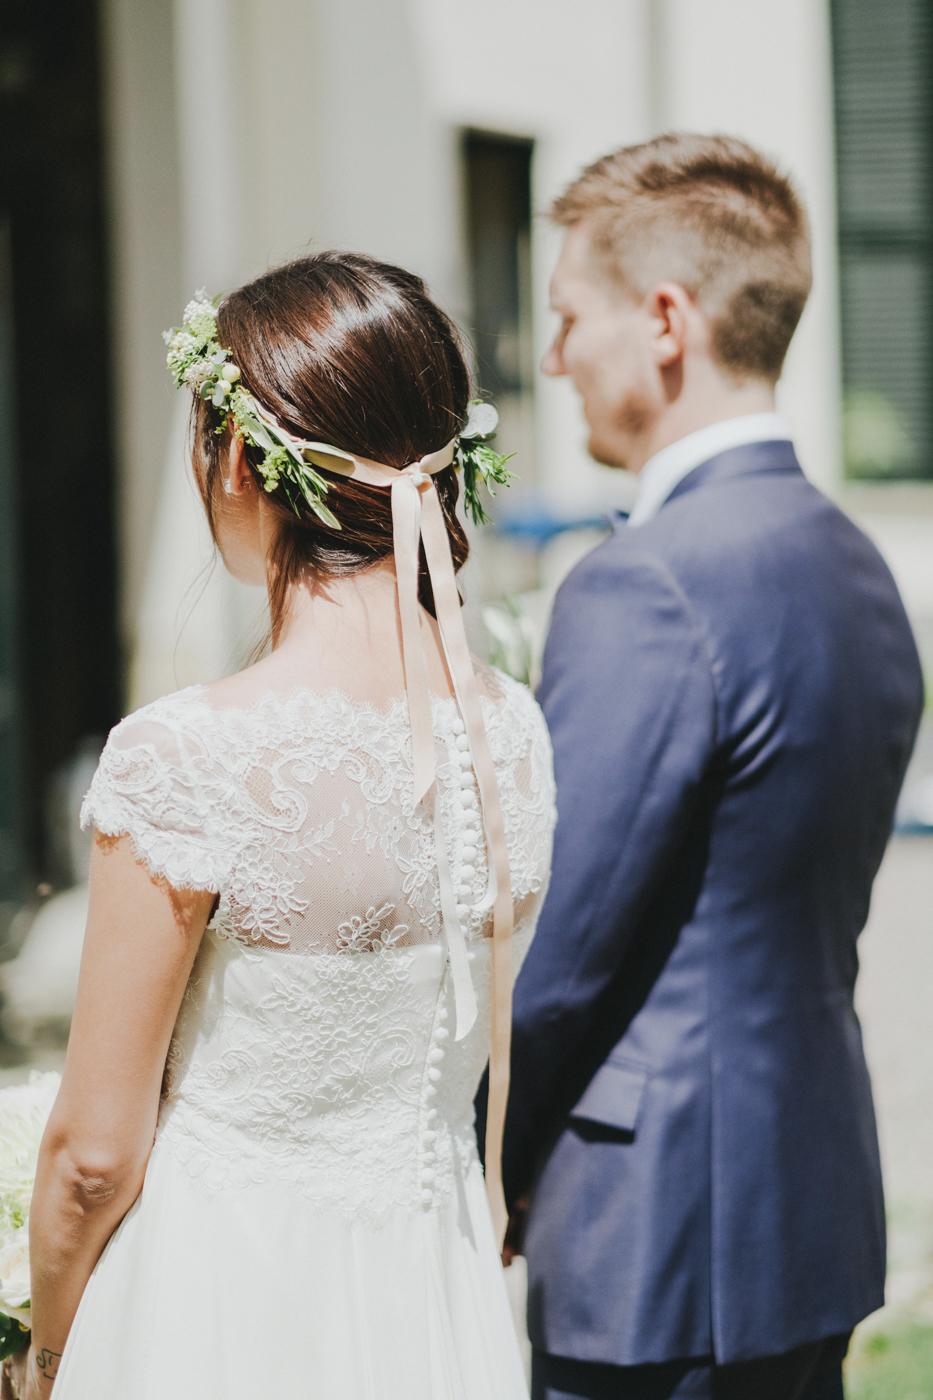 fotografo matrimonio como-40.jpg